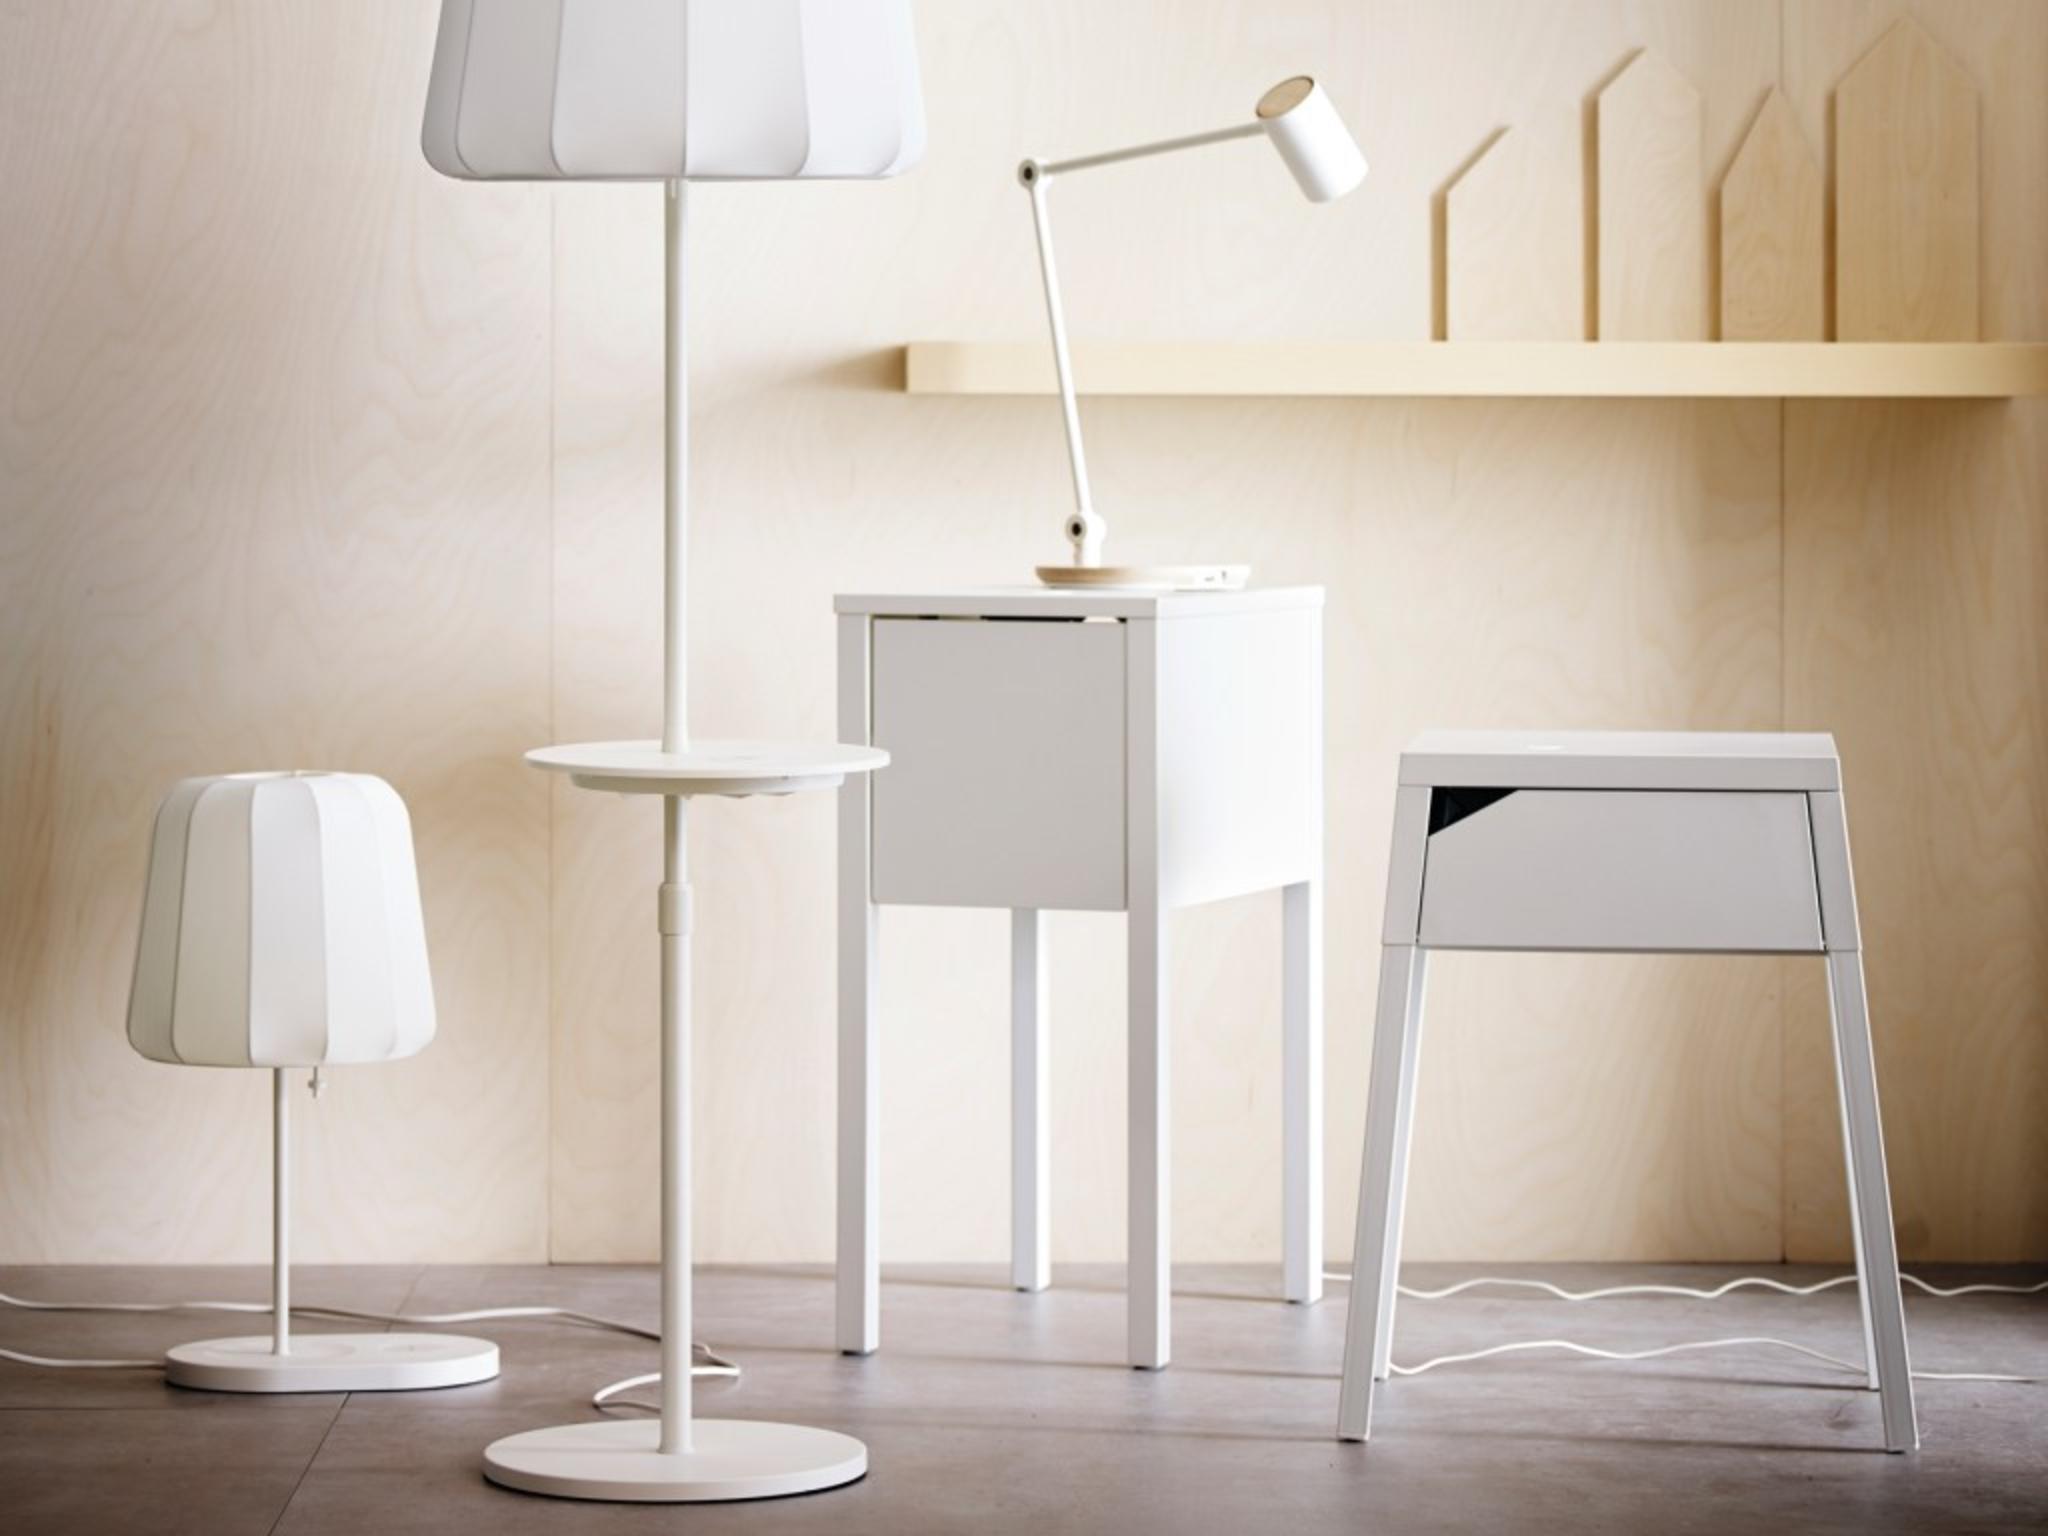 Ikea bietet Möbel mit kabelloser Ladefunktion für Smartphones und Tablets an.